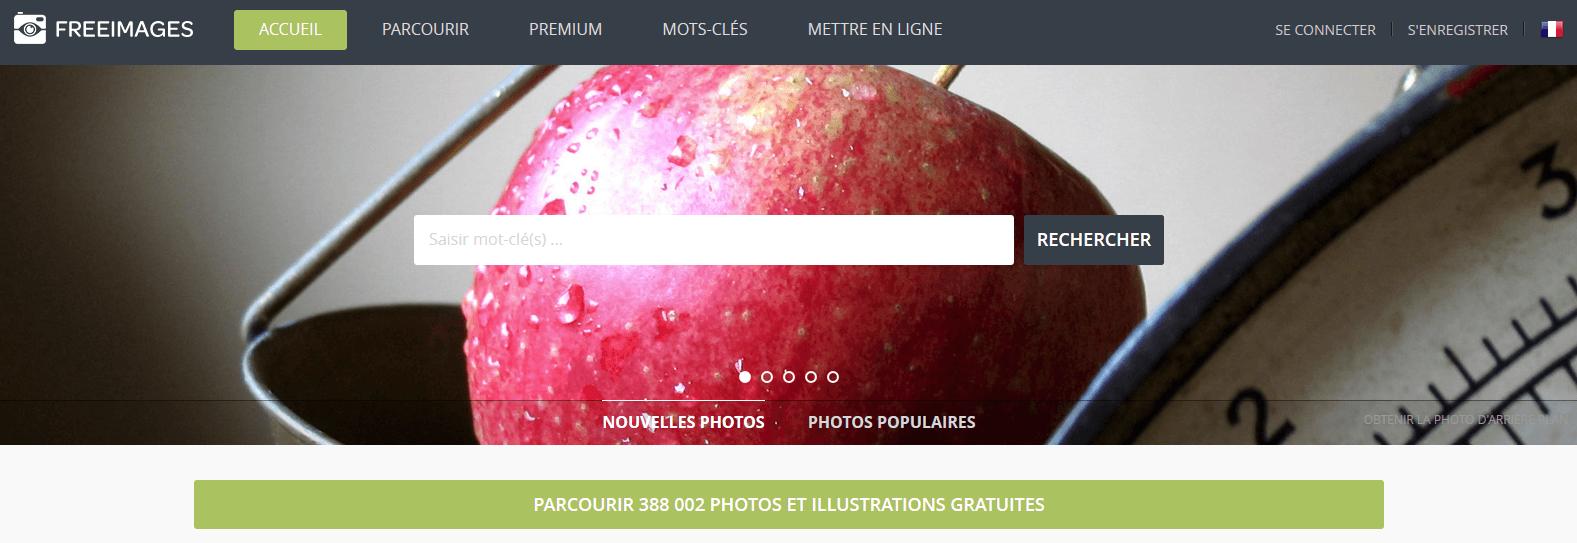 Freeimages banque d'images gratuites